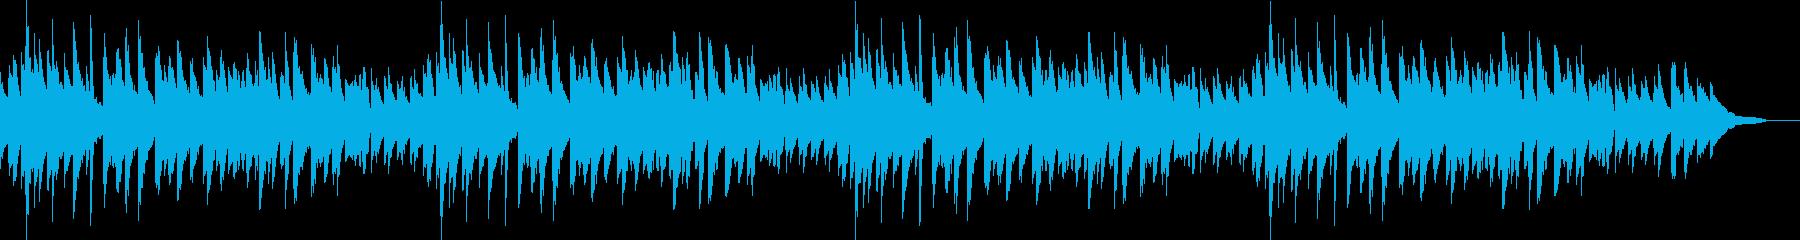 秋の夜のスローテンポジャズピアノBGMの再生済みの波形